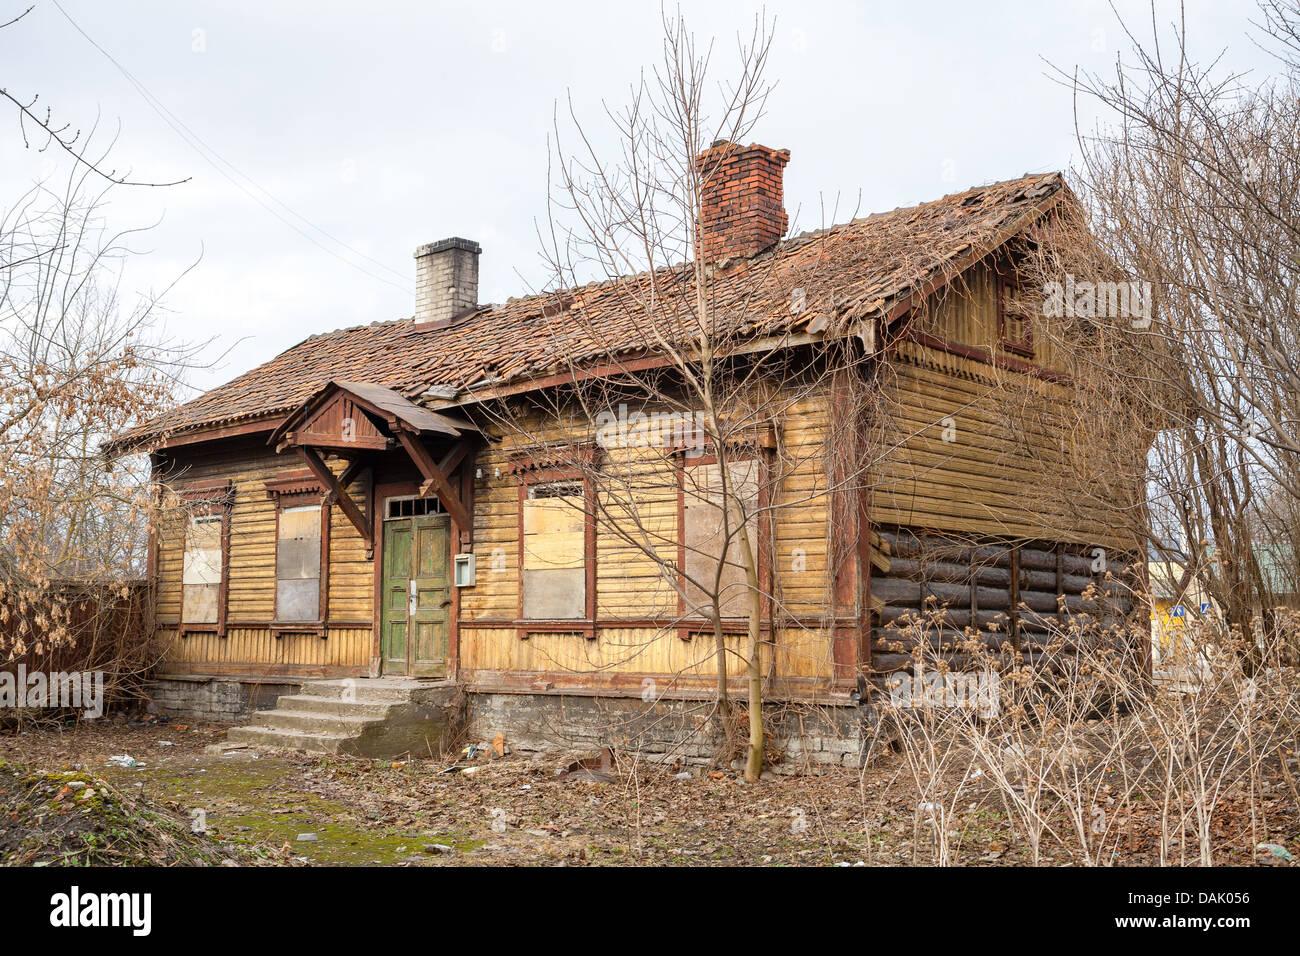 Abandoned house - Stock Image